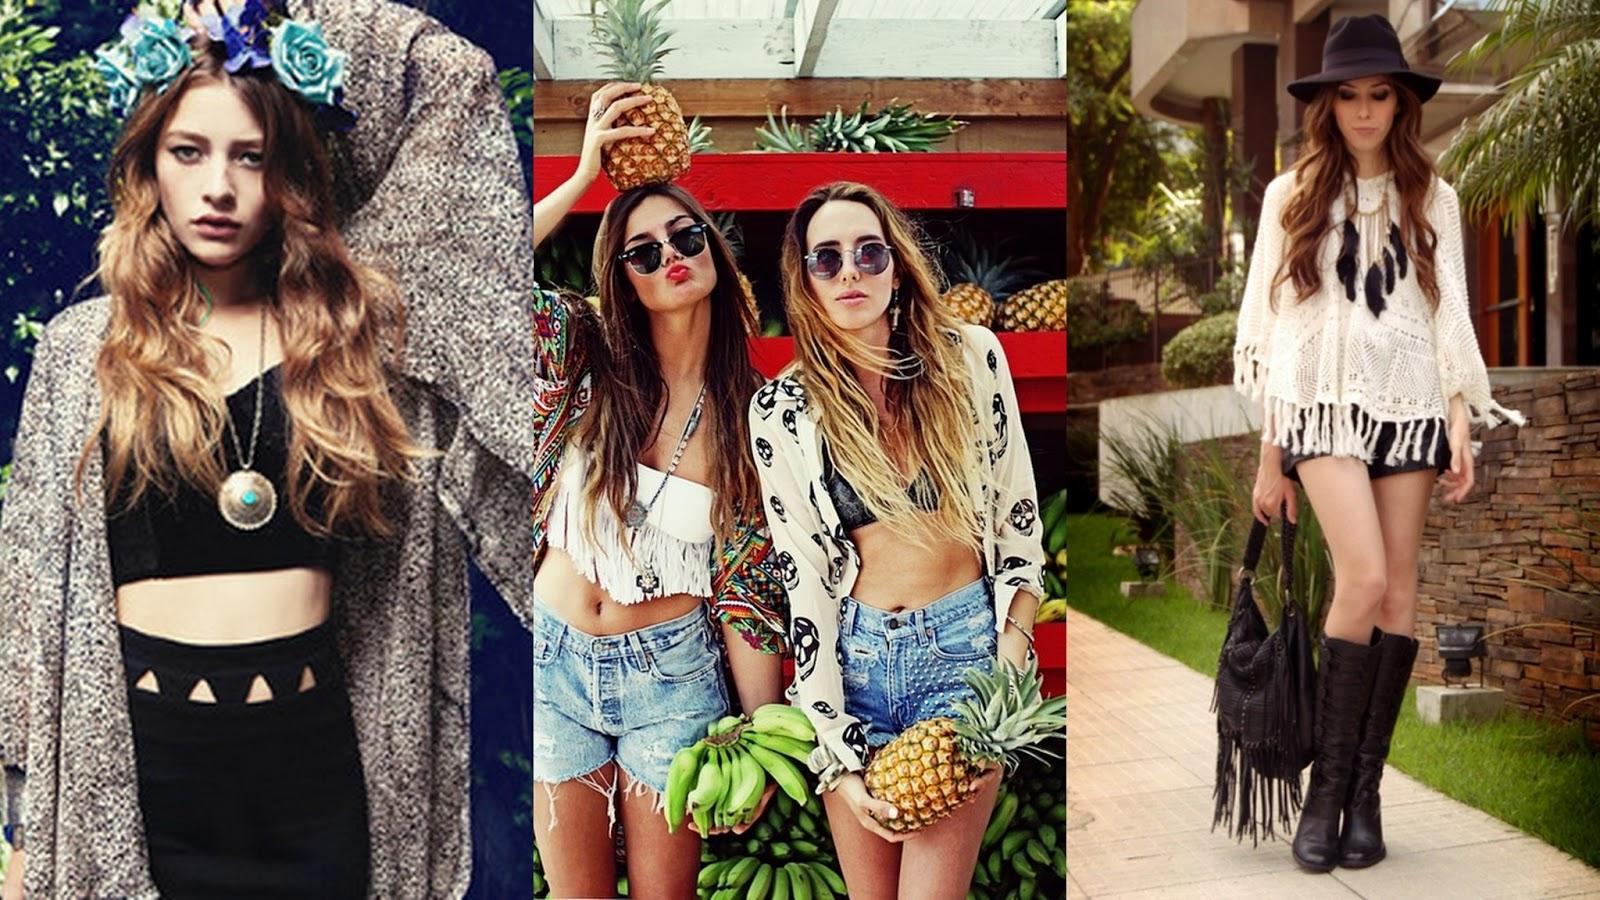 Модный ликбез: стили в одежде и их характеристики - фото №2